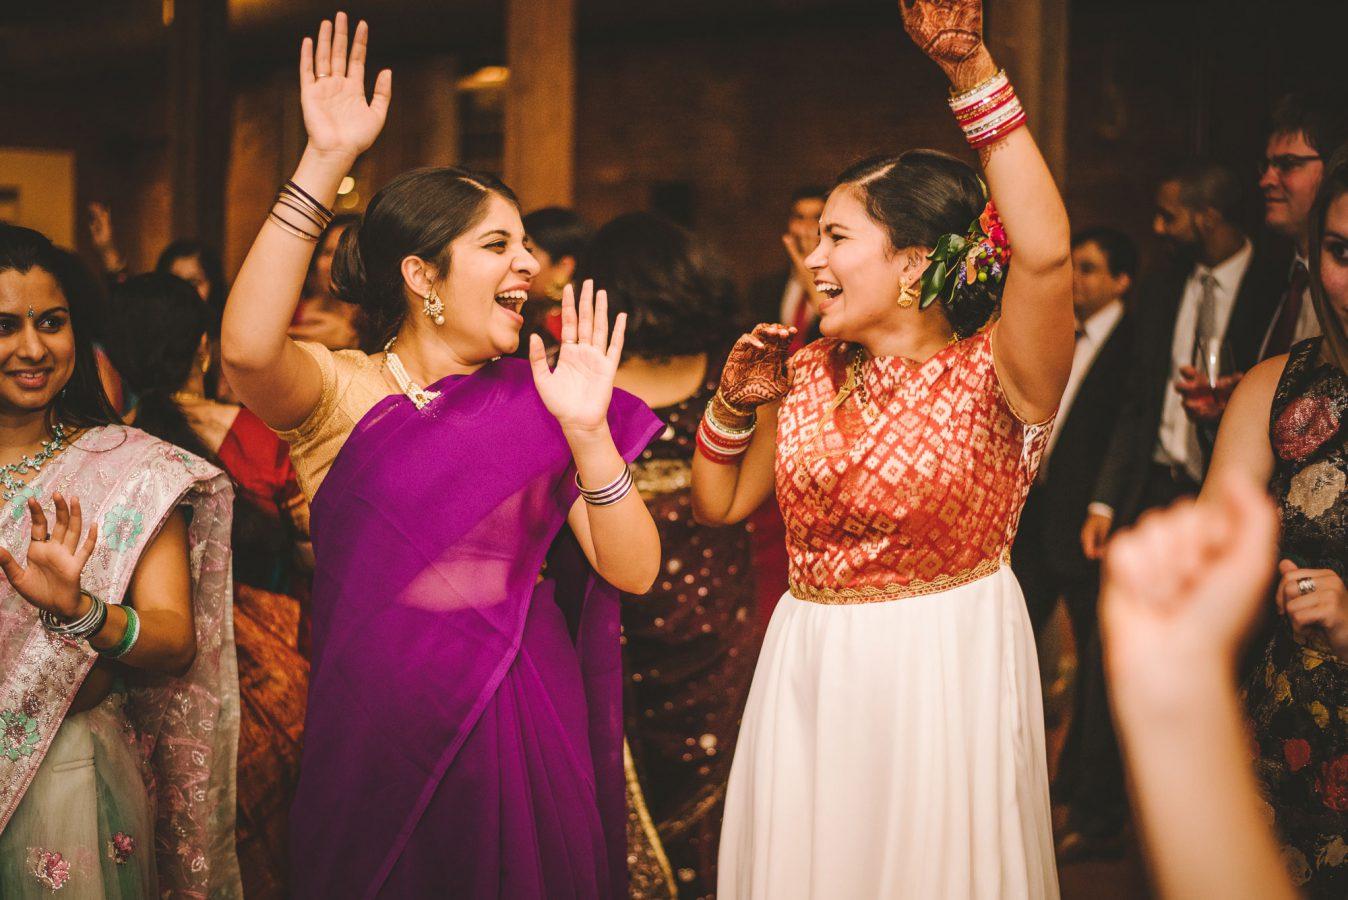 wedding-photography-2016-31